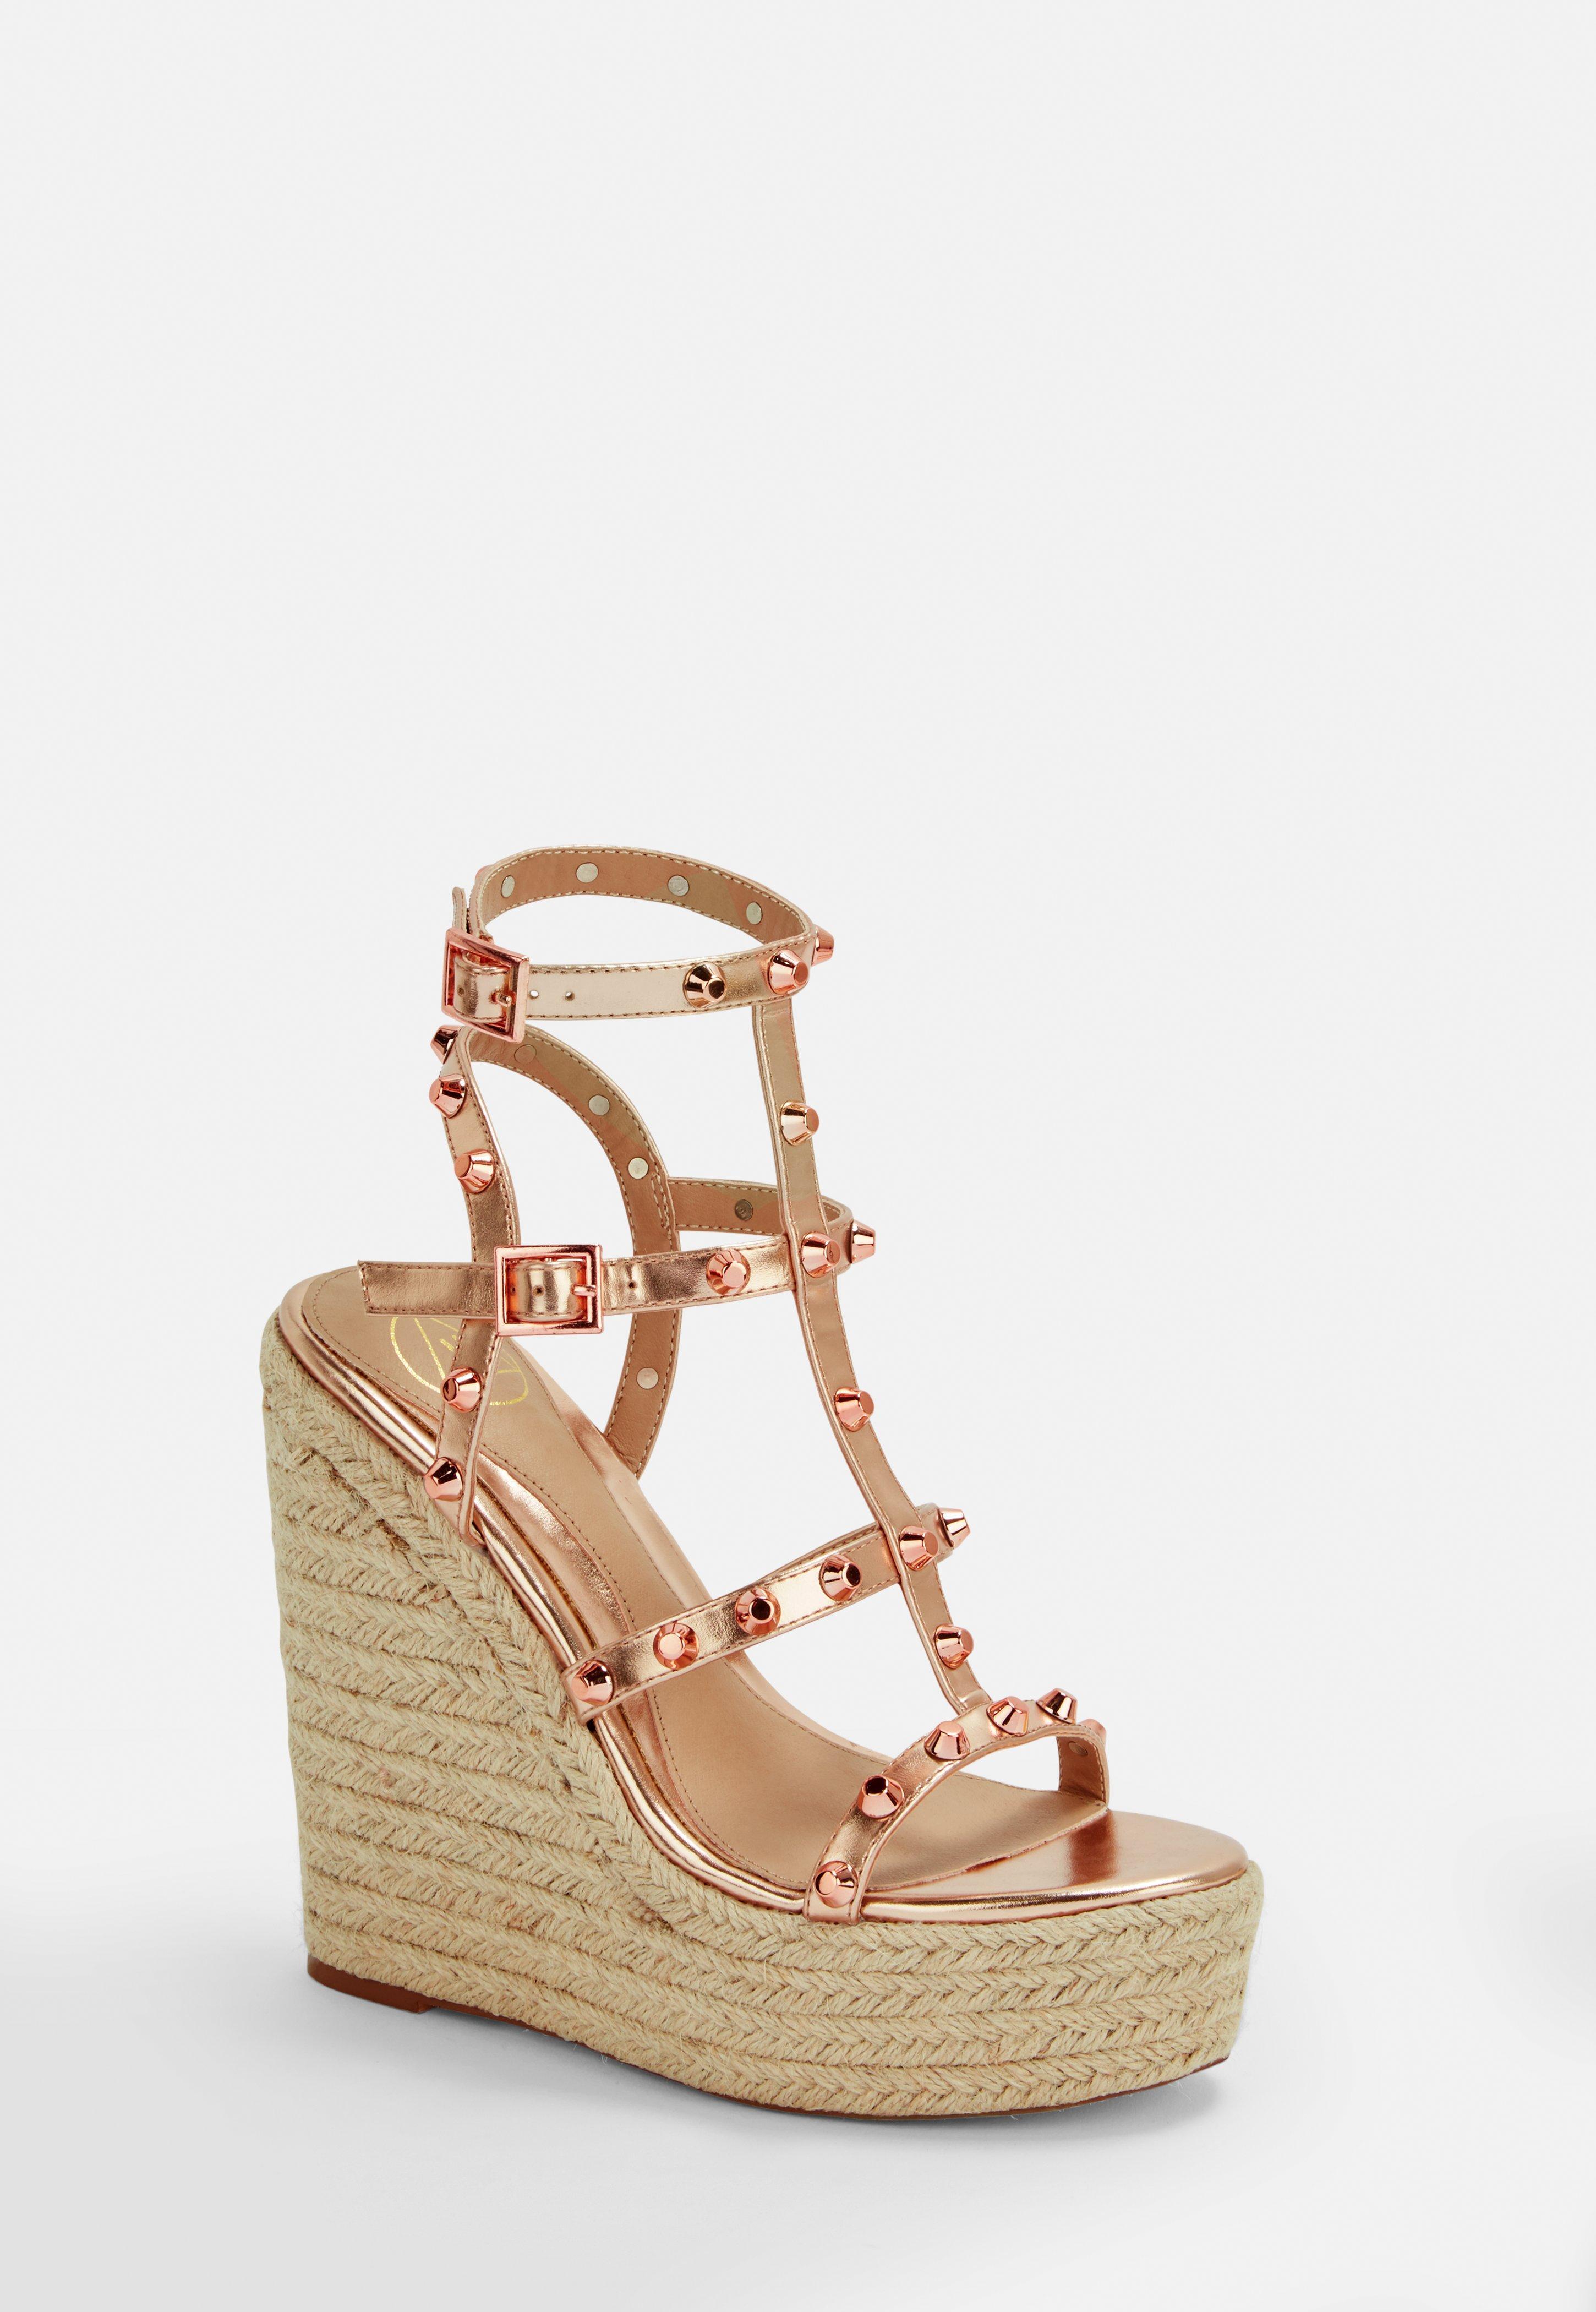 b0f06b5a1 Shoes | Women's Footwear Online UK - Missguided